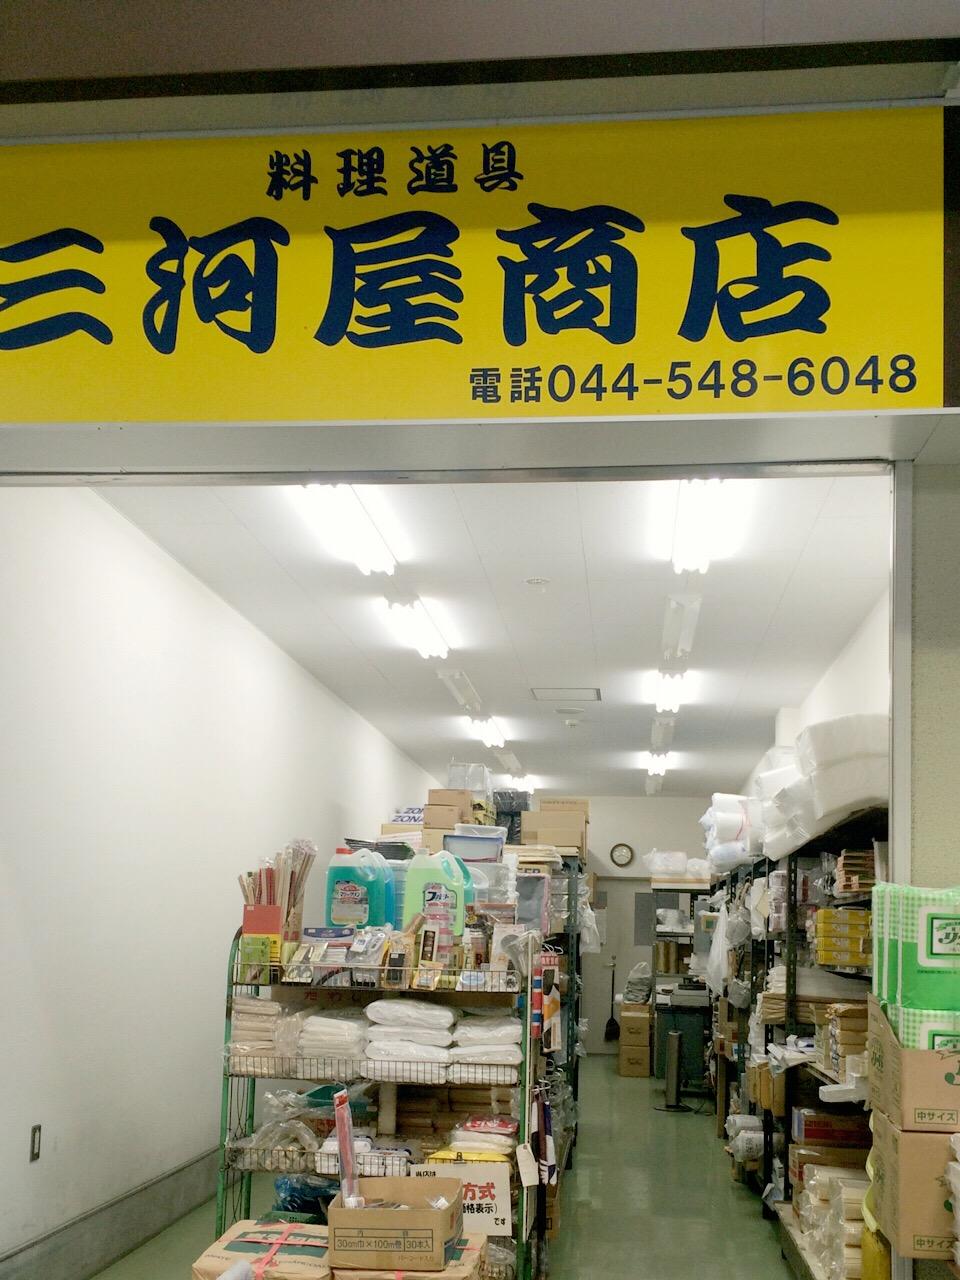 川崎市地方卸売市場南部市場水産牡蠣関連三河屋